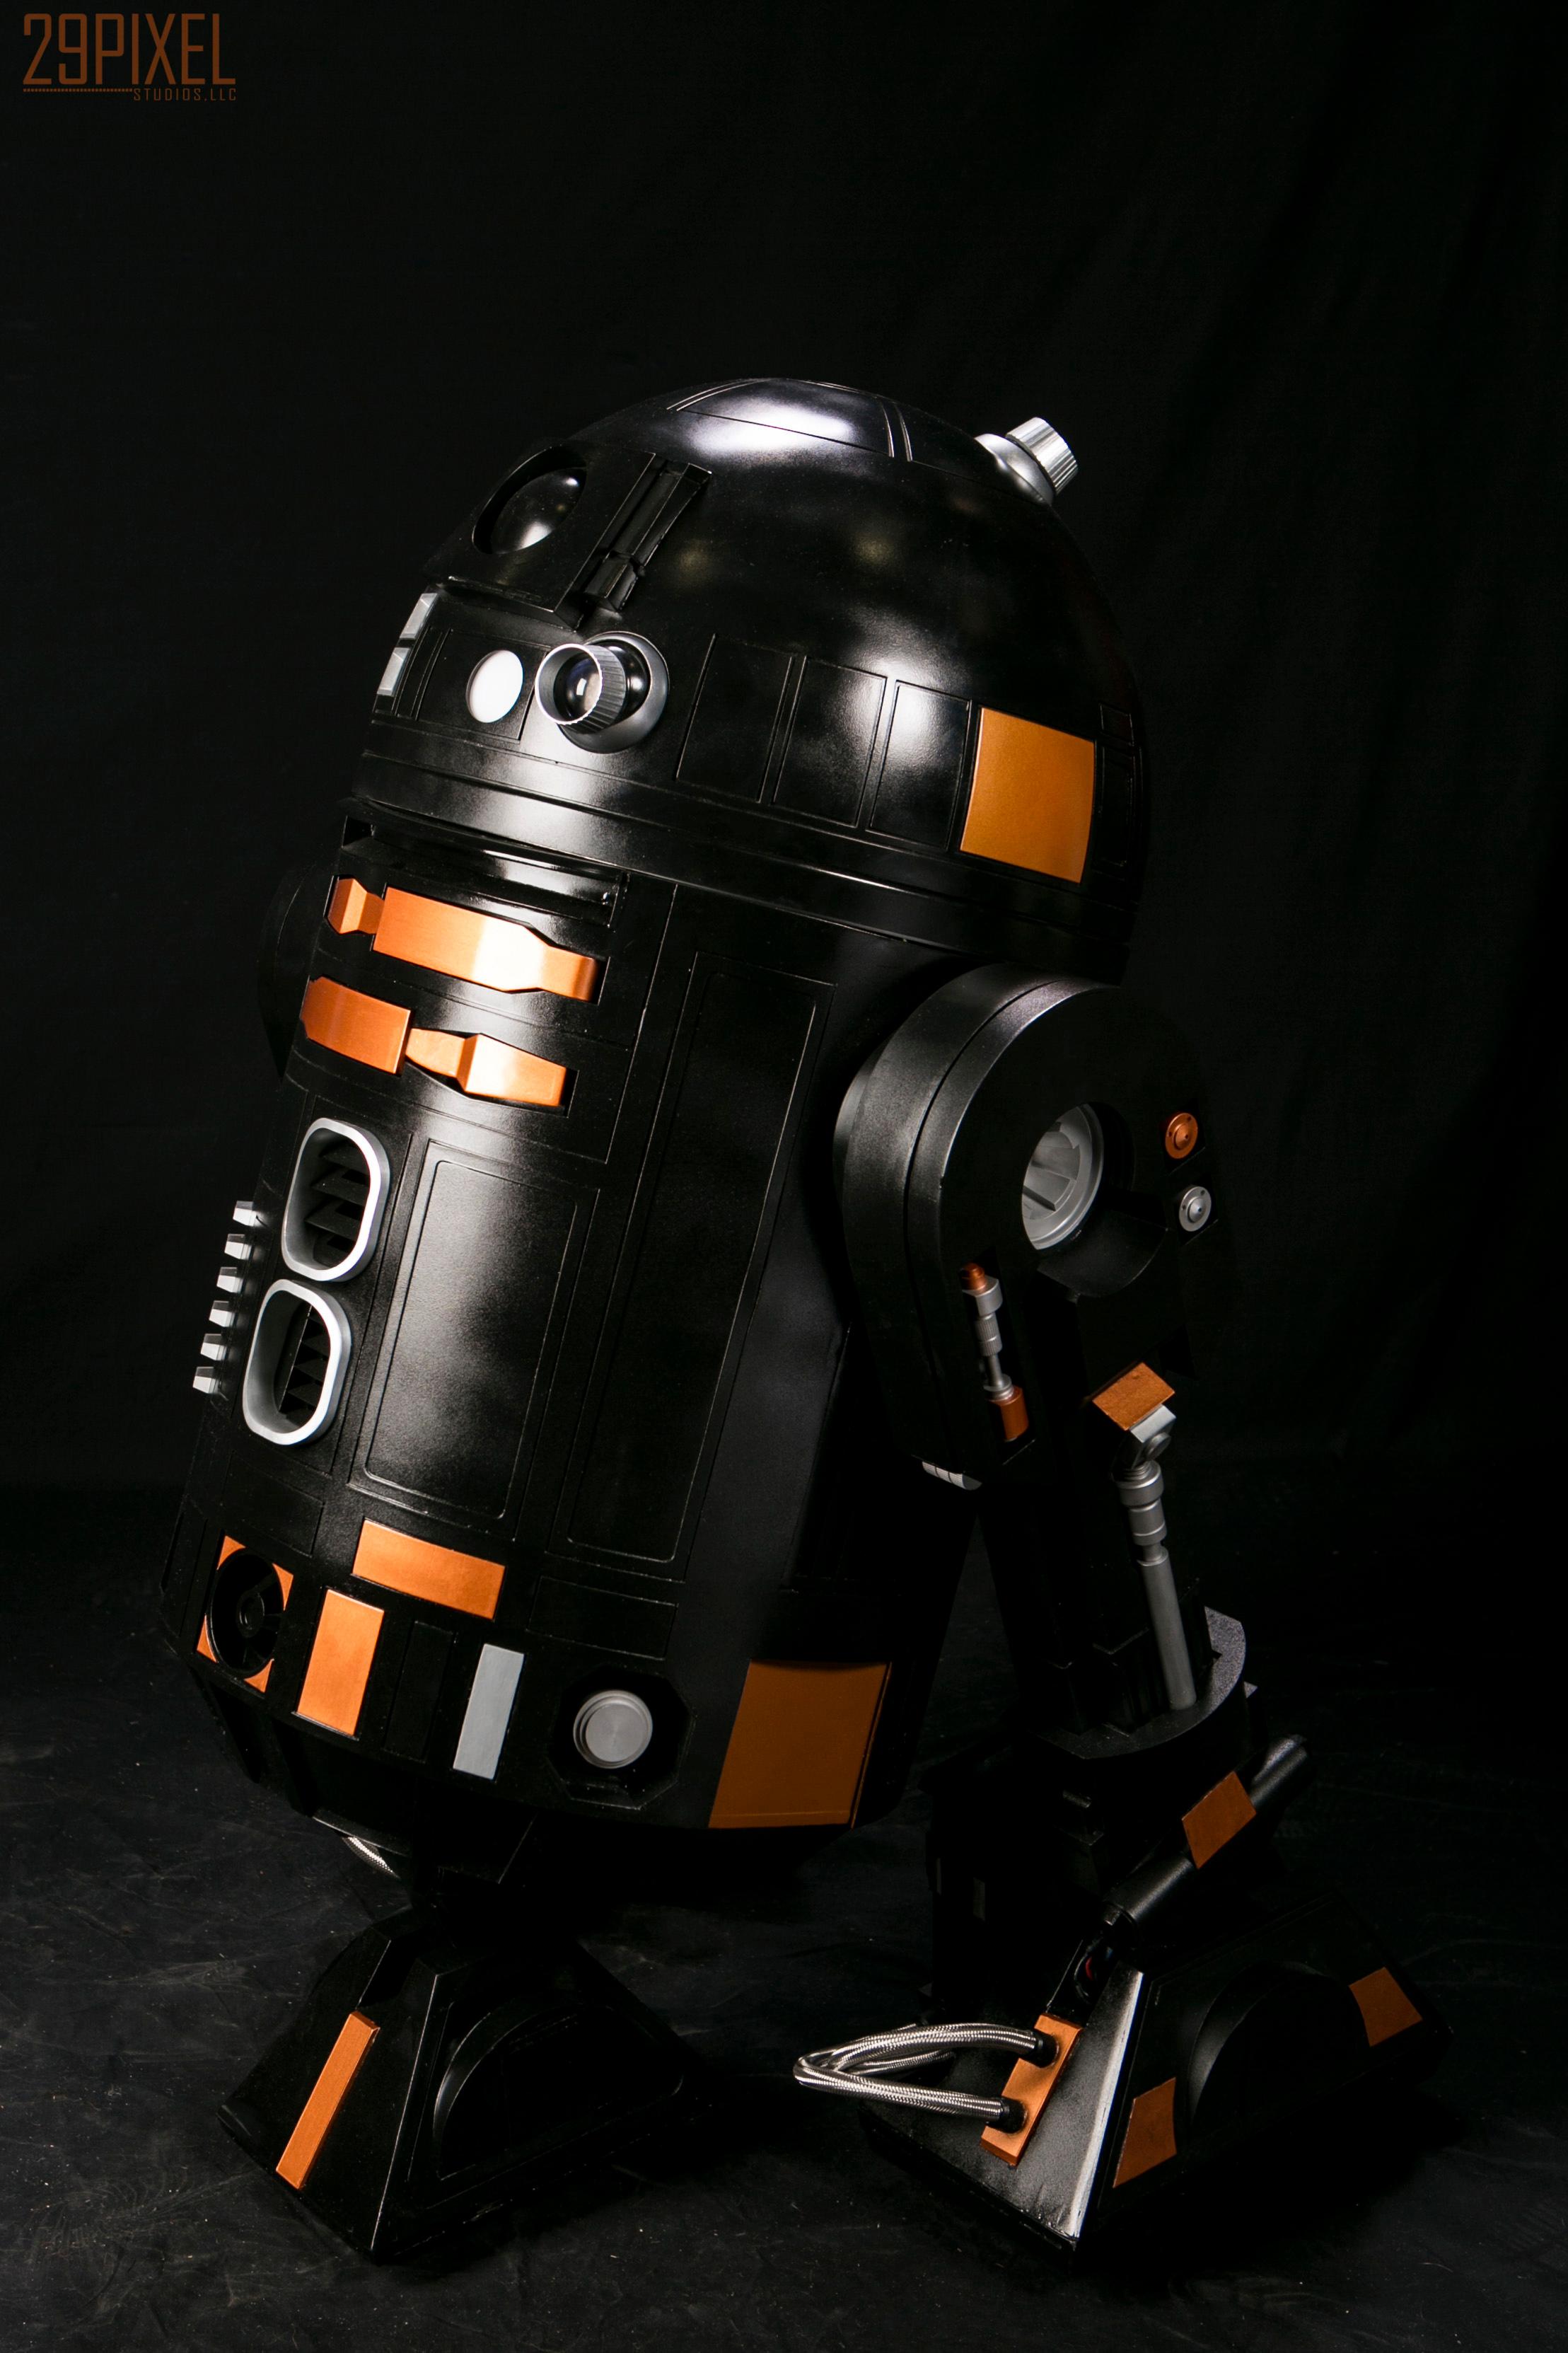 Joel's R2-Q5